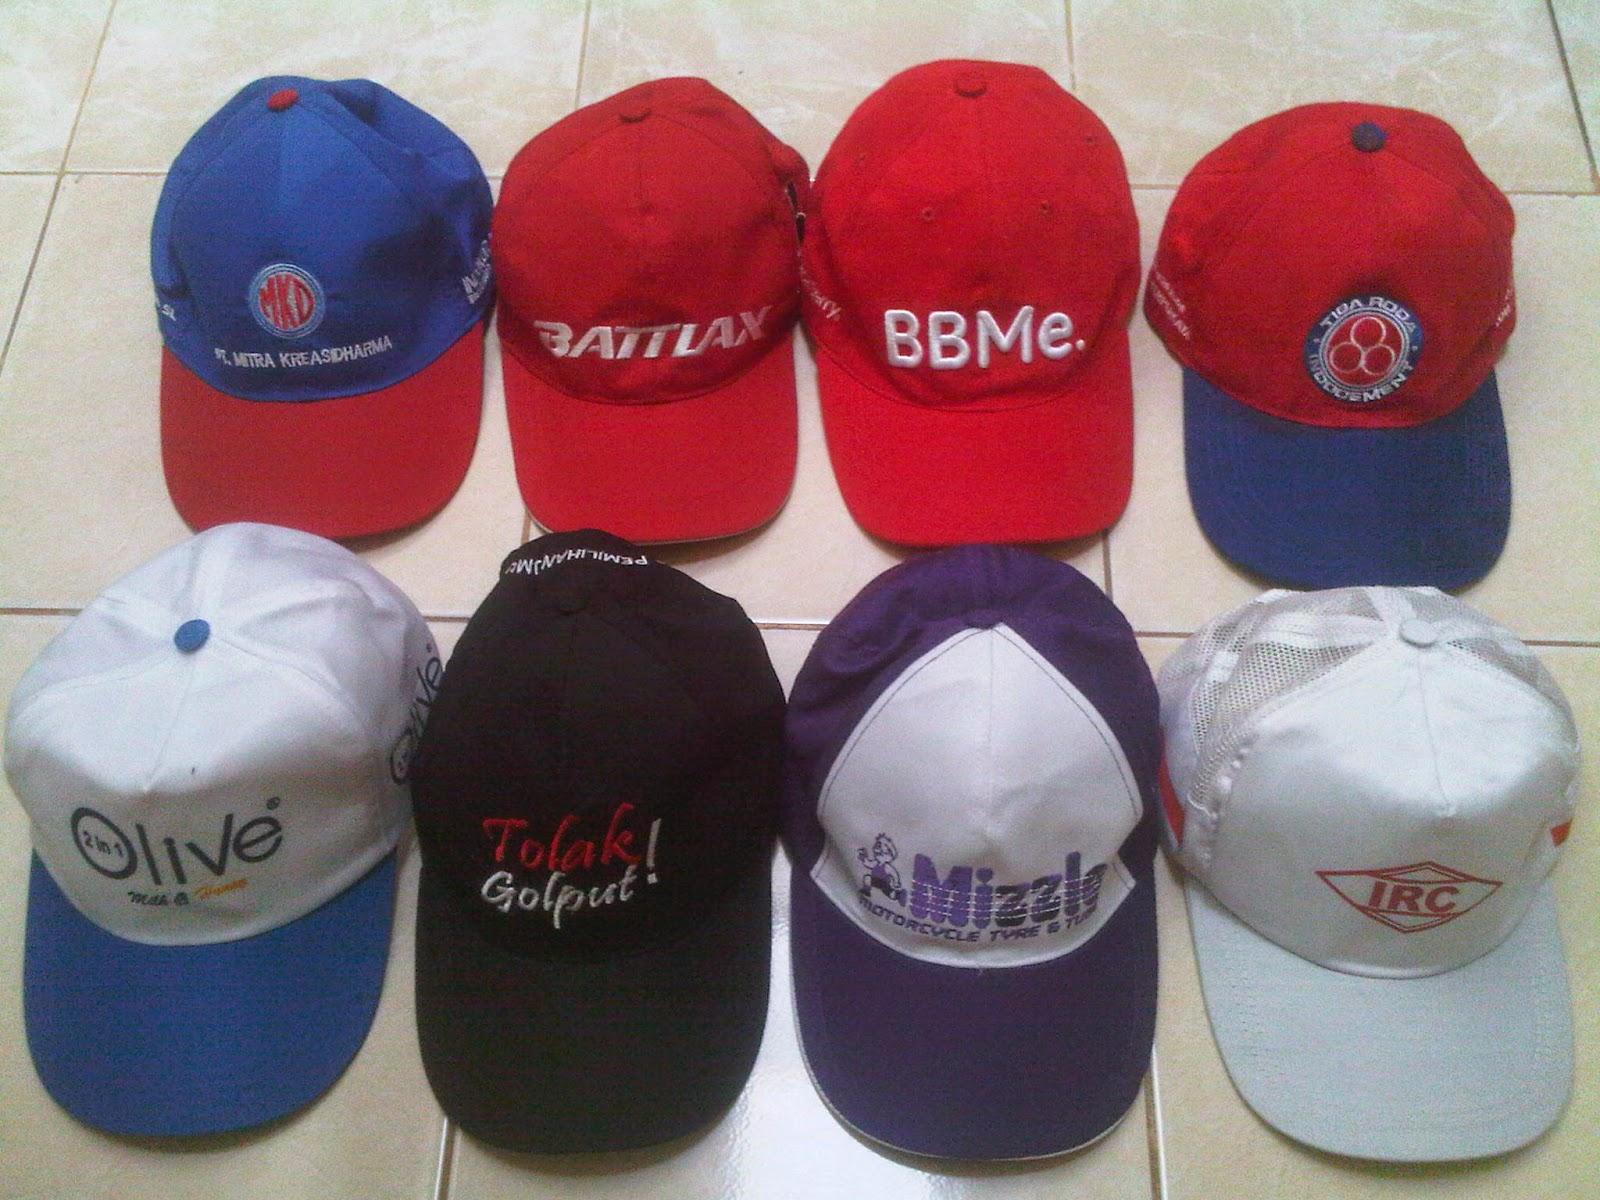 Topi Promosi Harga Murah dengan Bordir atau Sablon Logo